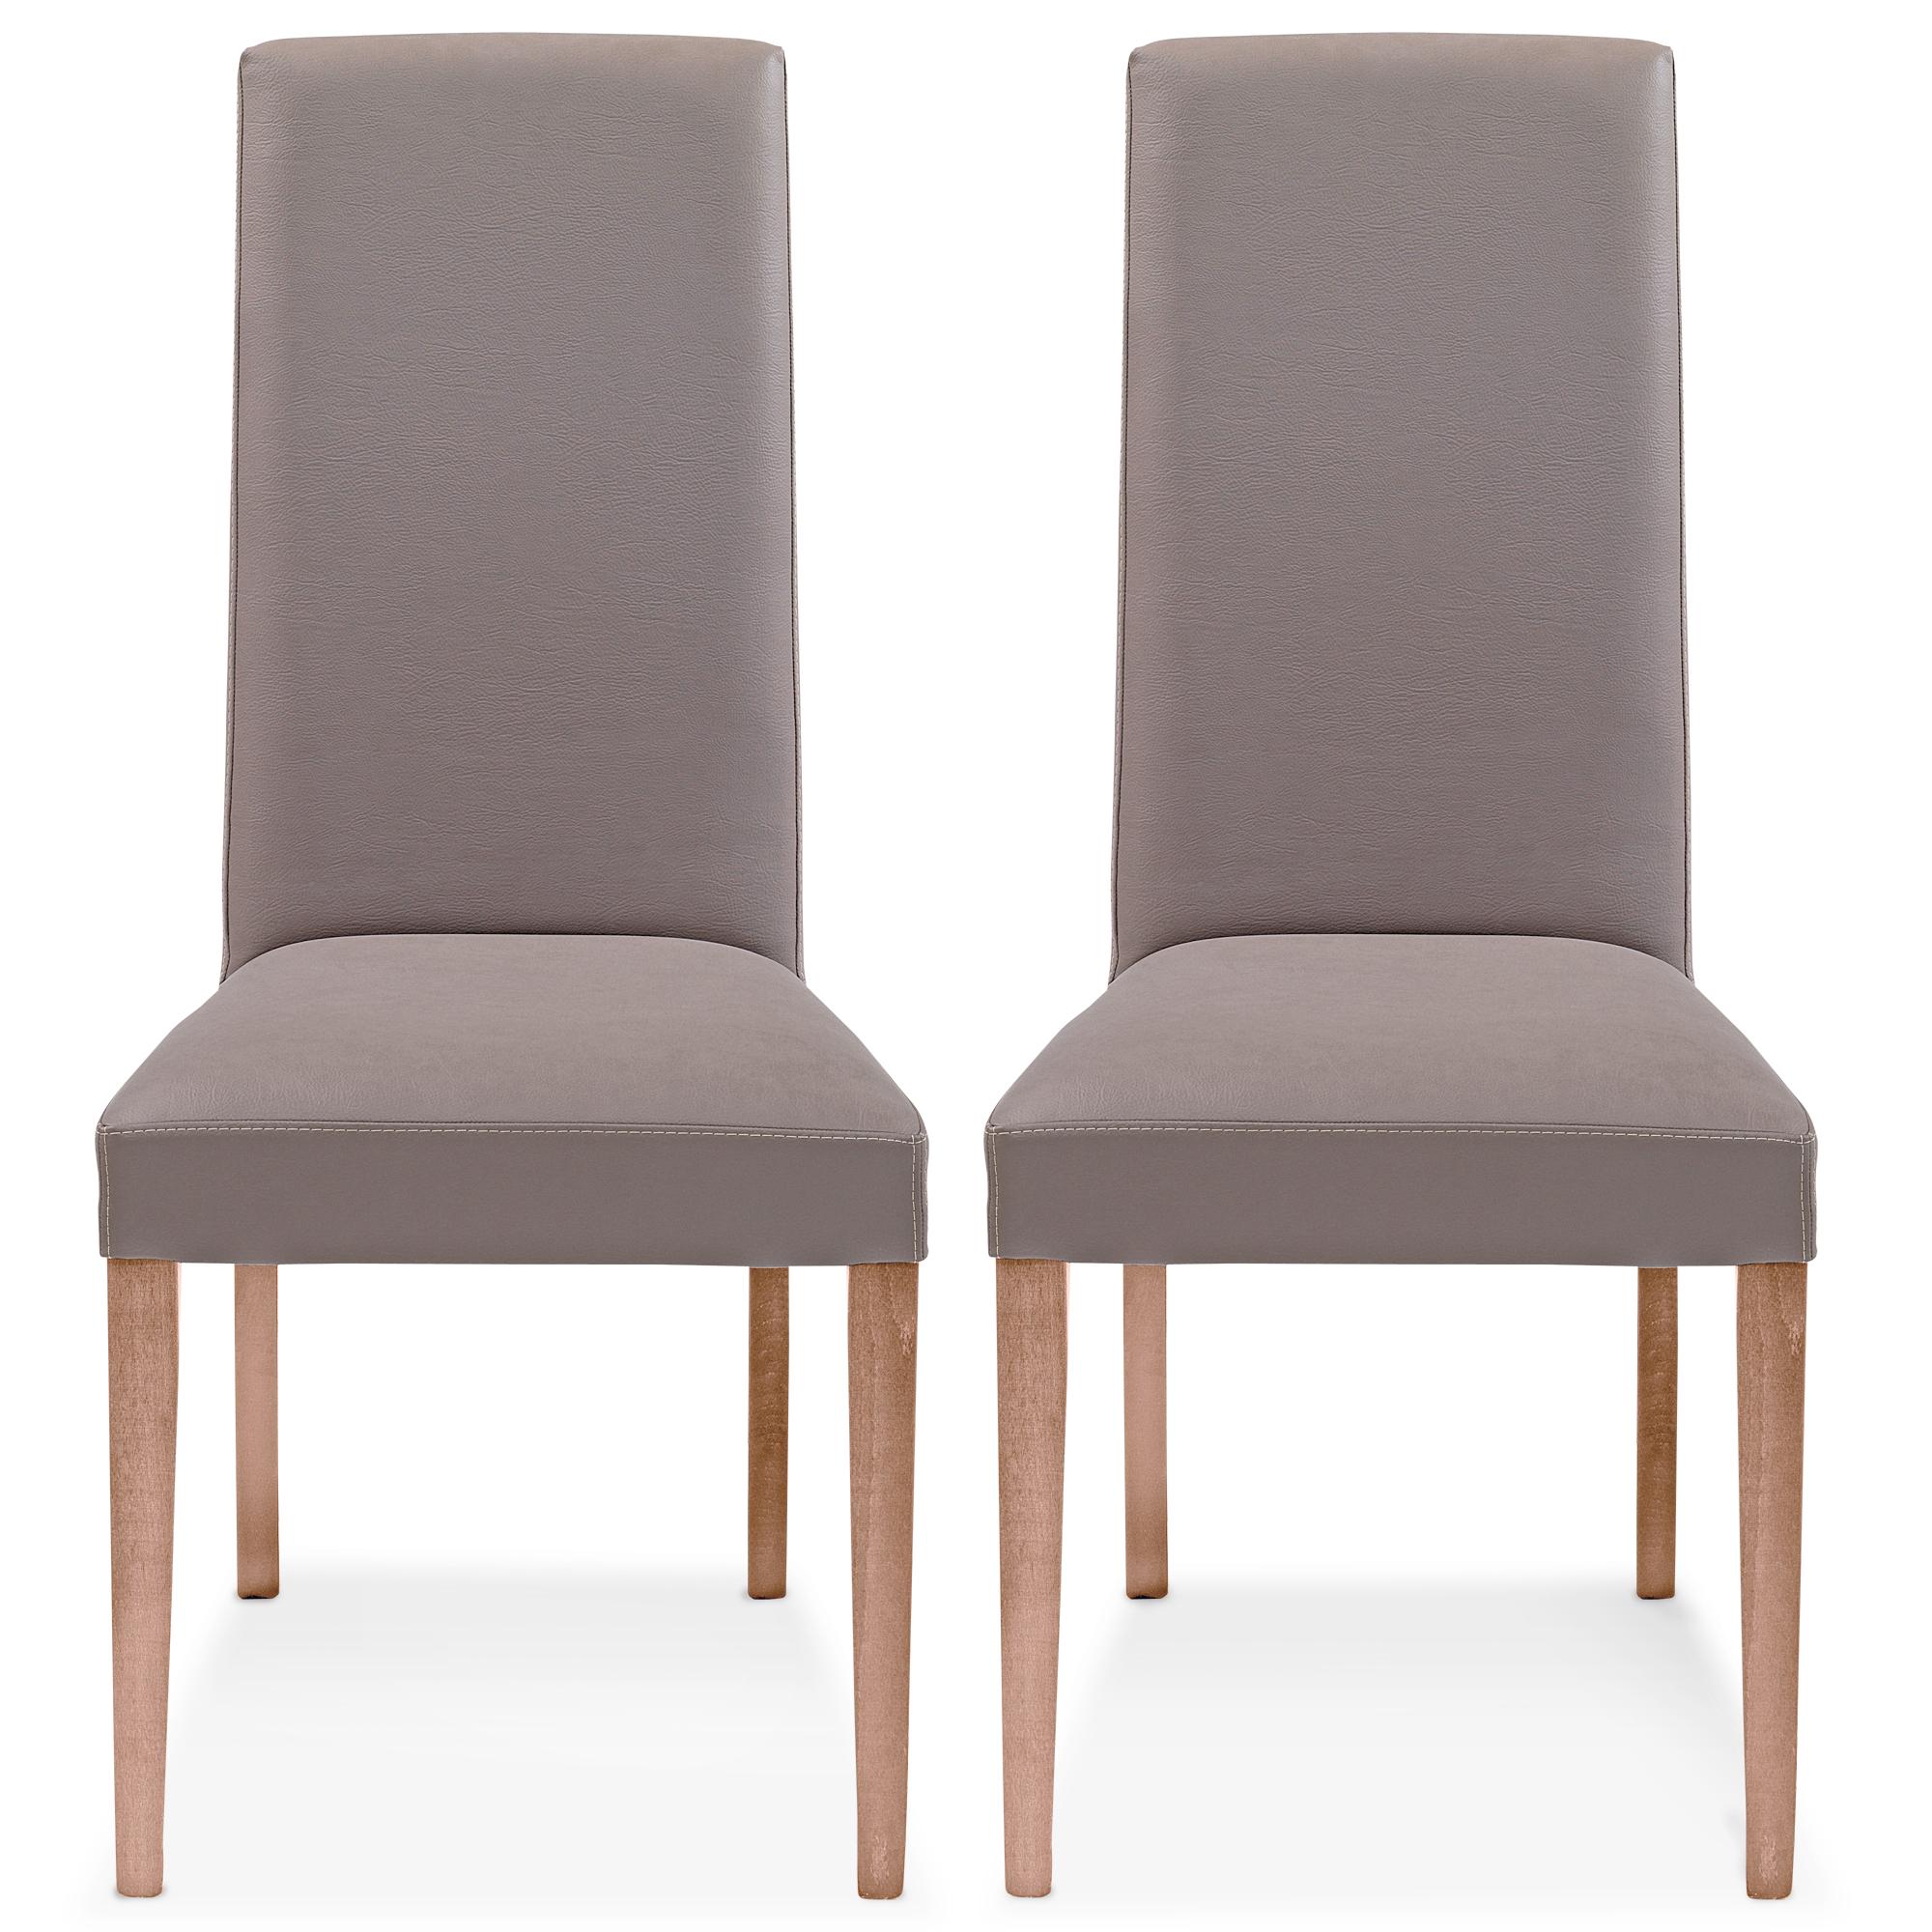 Chaises La Maison de Valerie Lot de 2 chaises Java